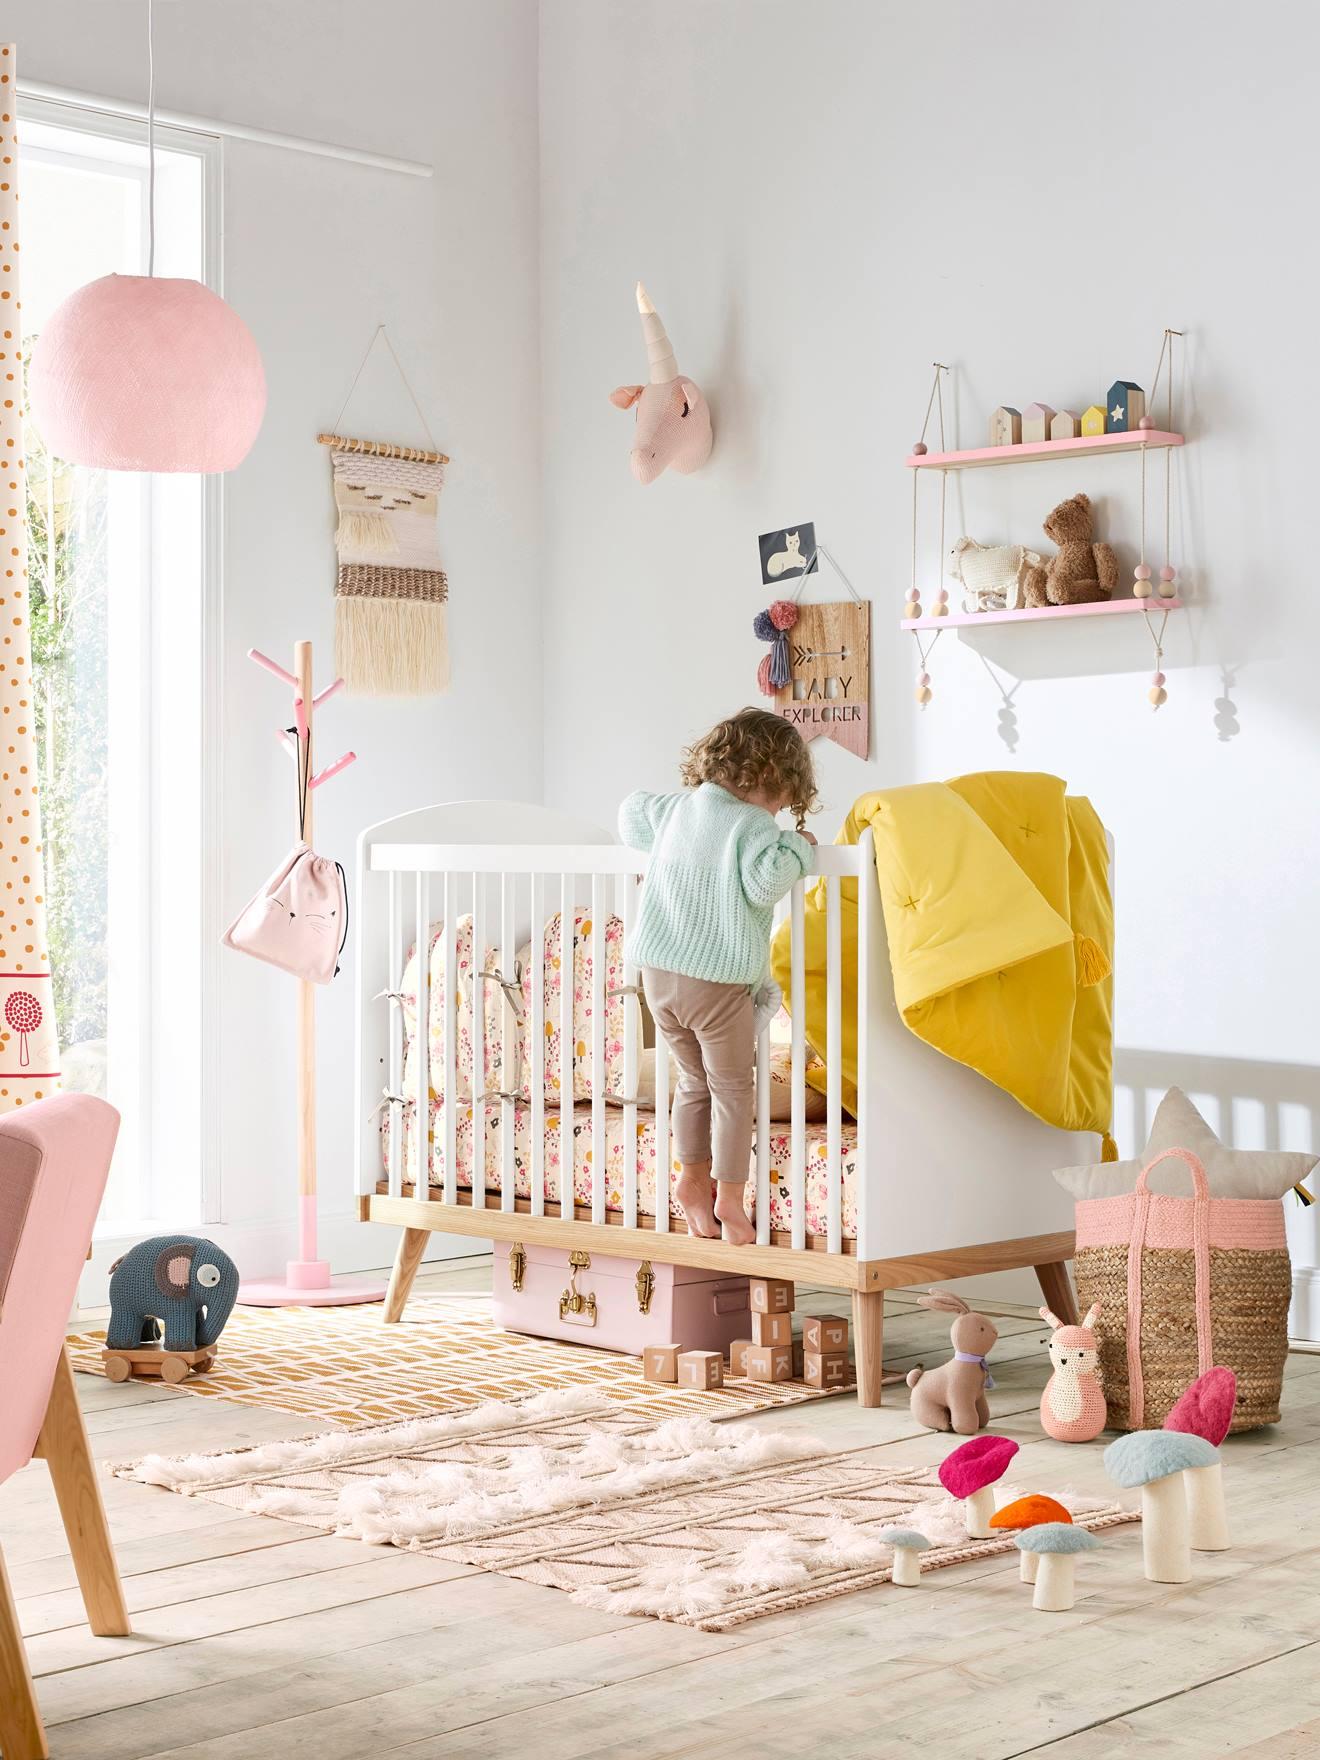 Kinderzimmer Deko Wimpel, Holz   Natur/rosa   2